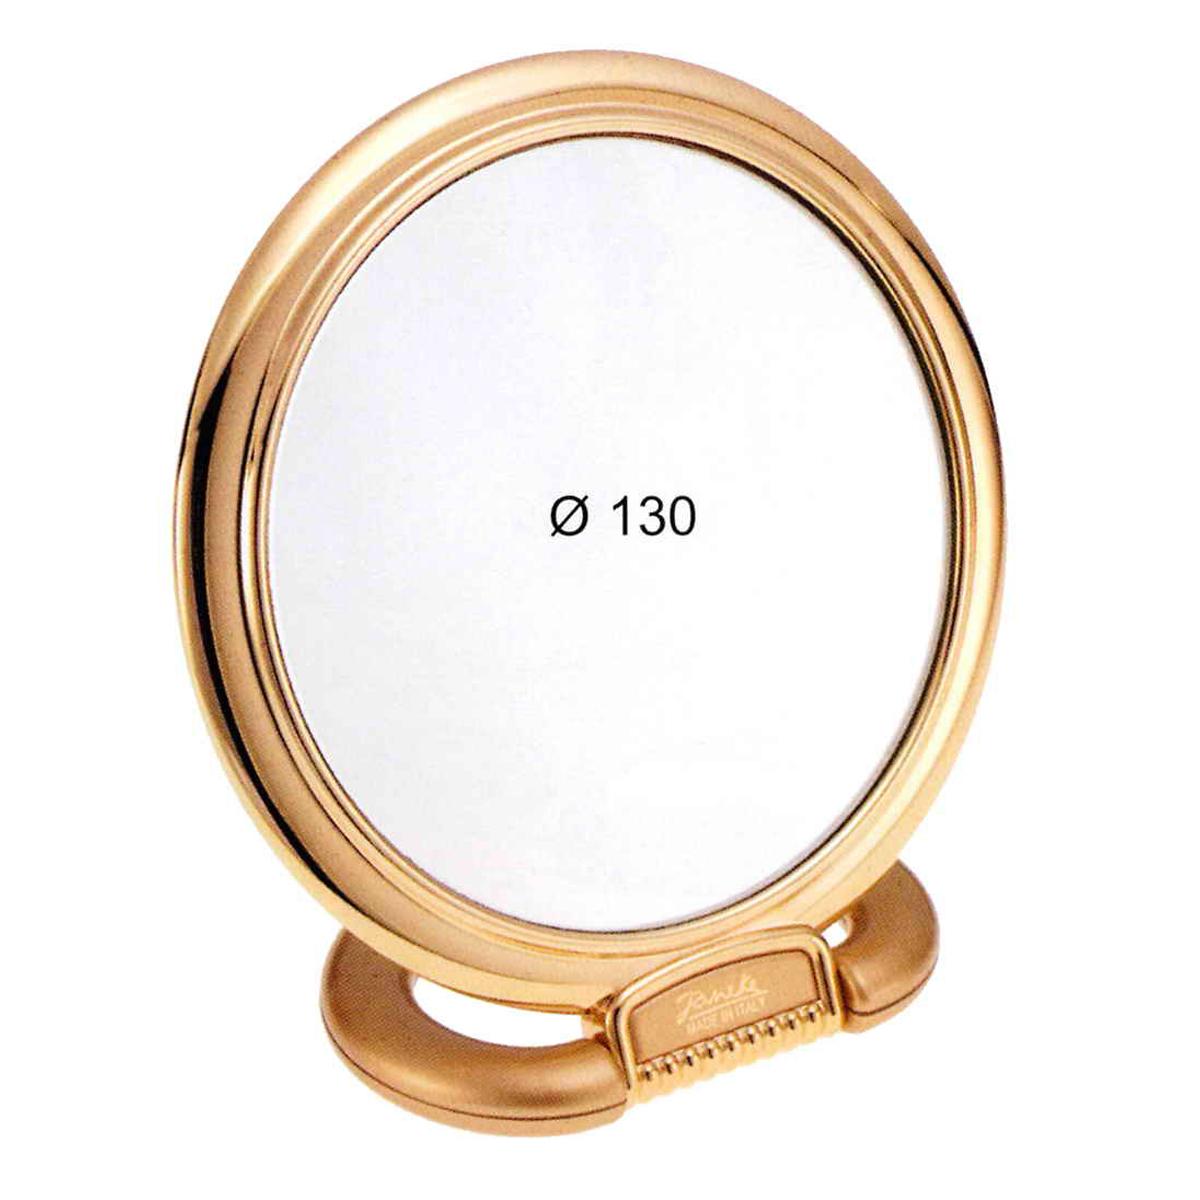 Janeke Зеркало настольное D130, линзы ZEISS, позолоченное в упаковке, 466.05.3.577222Марка Janeke – мировой лидер по производству расчесок, щеток, маникюрных принадлежностей, зеркал и косметичек. Марка Janeke, основанная в 1830 году, вот уже почти 180 лет поддерживает непревзойденное качество своей продукции, сочетая новейшие технологии с традициями ста- рых миланских мастеров. Все изделия на 80% производятся вручную, а инновационные технологии и современные материалы делают продукцию марки поистине уникальной. Стильный и эргономичный дизайн, яркие цветовые решения – все это приносит истин- ное удовольствие от использования аксессуаров Janeke. Зеркала для дома итальянской марки Janeke, изготовленные из высококачественных материалов и выполненные в оригинальном стильном дизайне, дополнят любой интерьер. Односторонние или двусторонние, с увеличением и без, на красивых и удобных подс- тавках – зеркала Janeke прослужат долго и доставят истинное удо- вольствие от использования